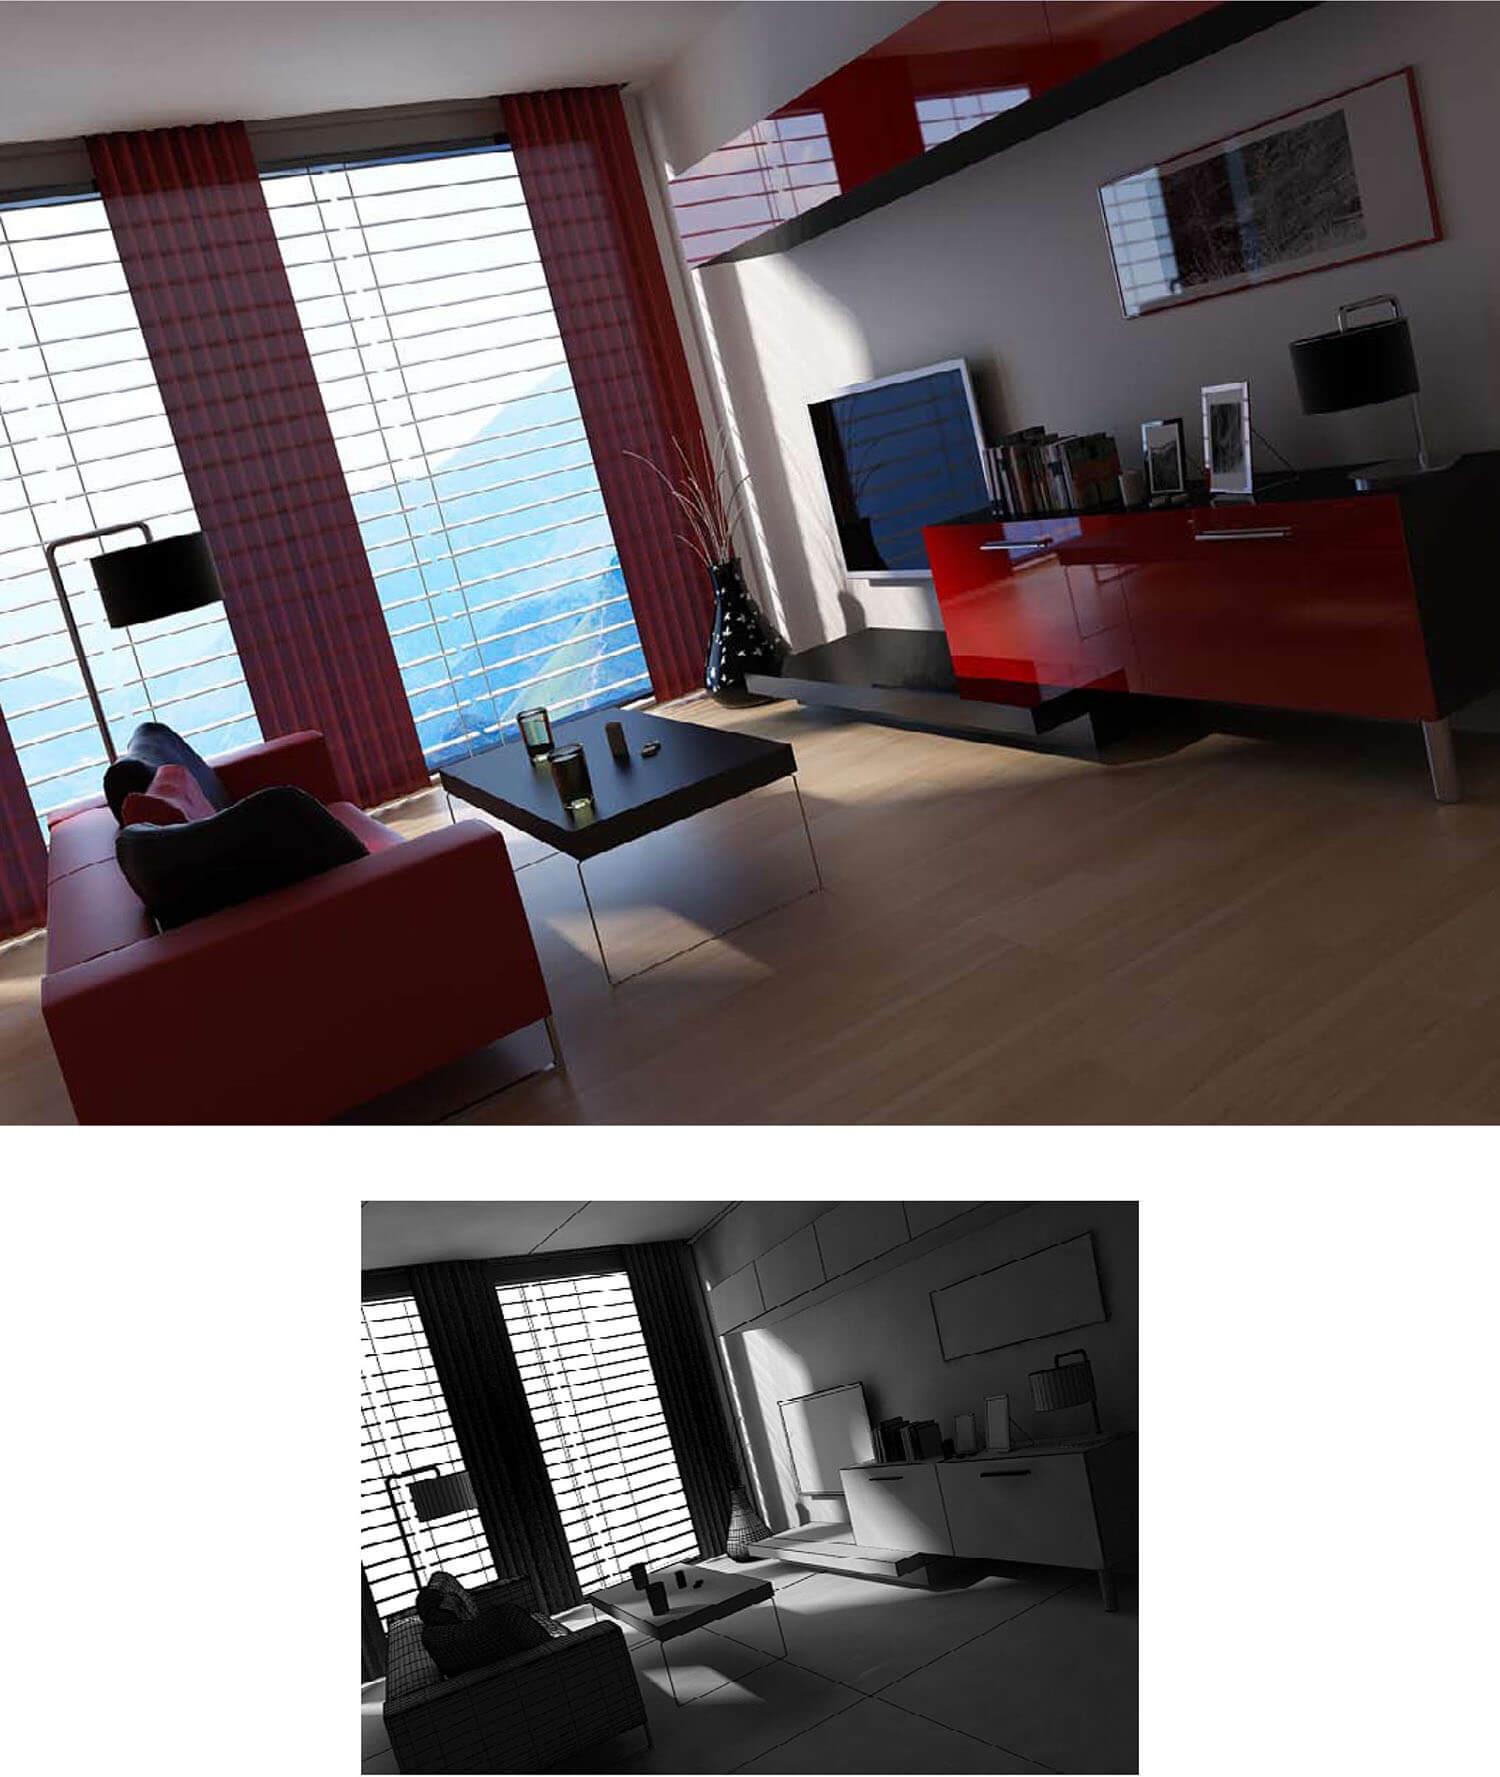 Thiết kế phòng khách với rèm cũng như ghế salon và kệ tủ đỏ nổi bật